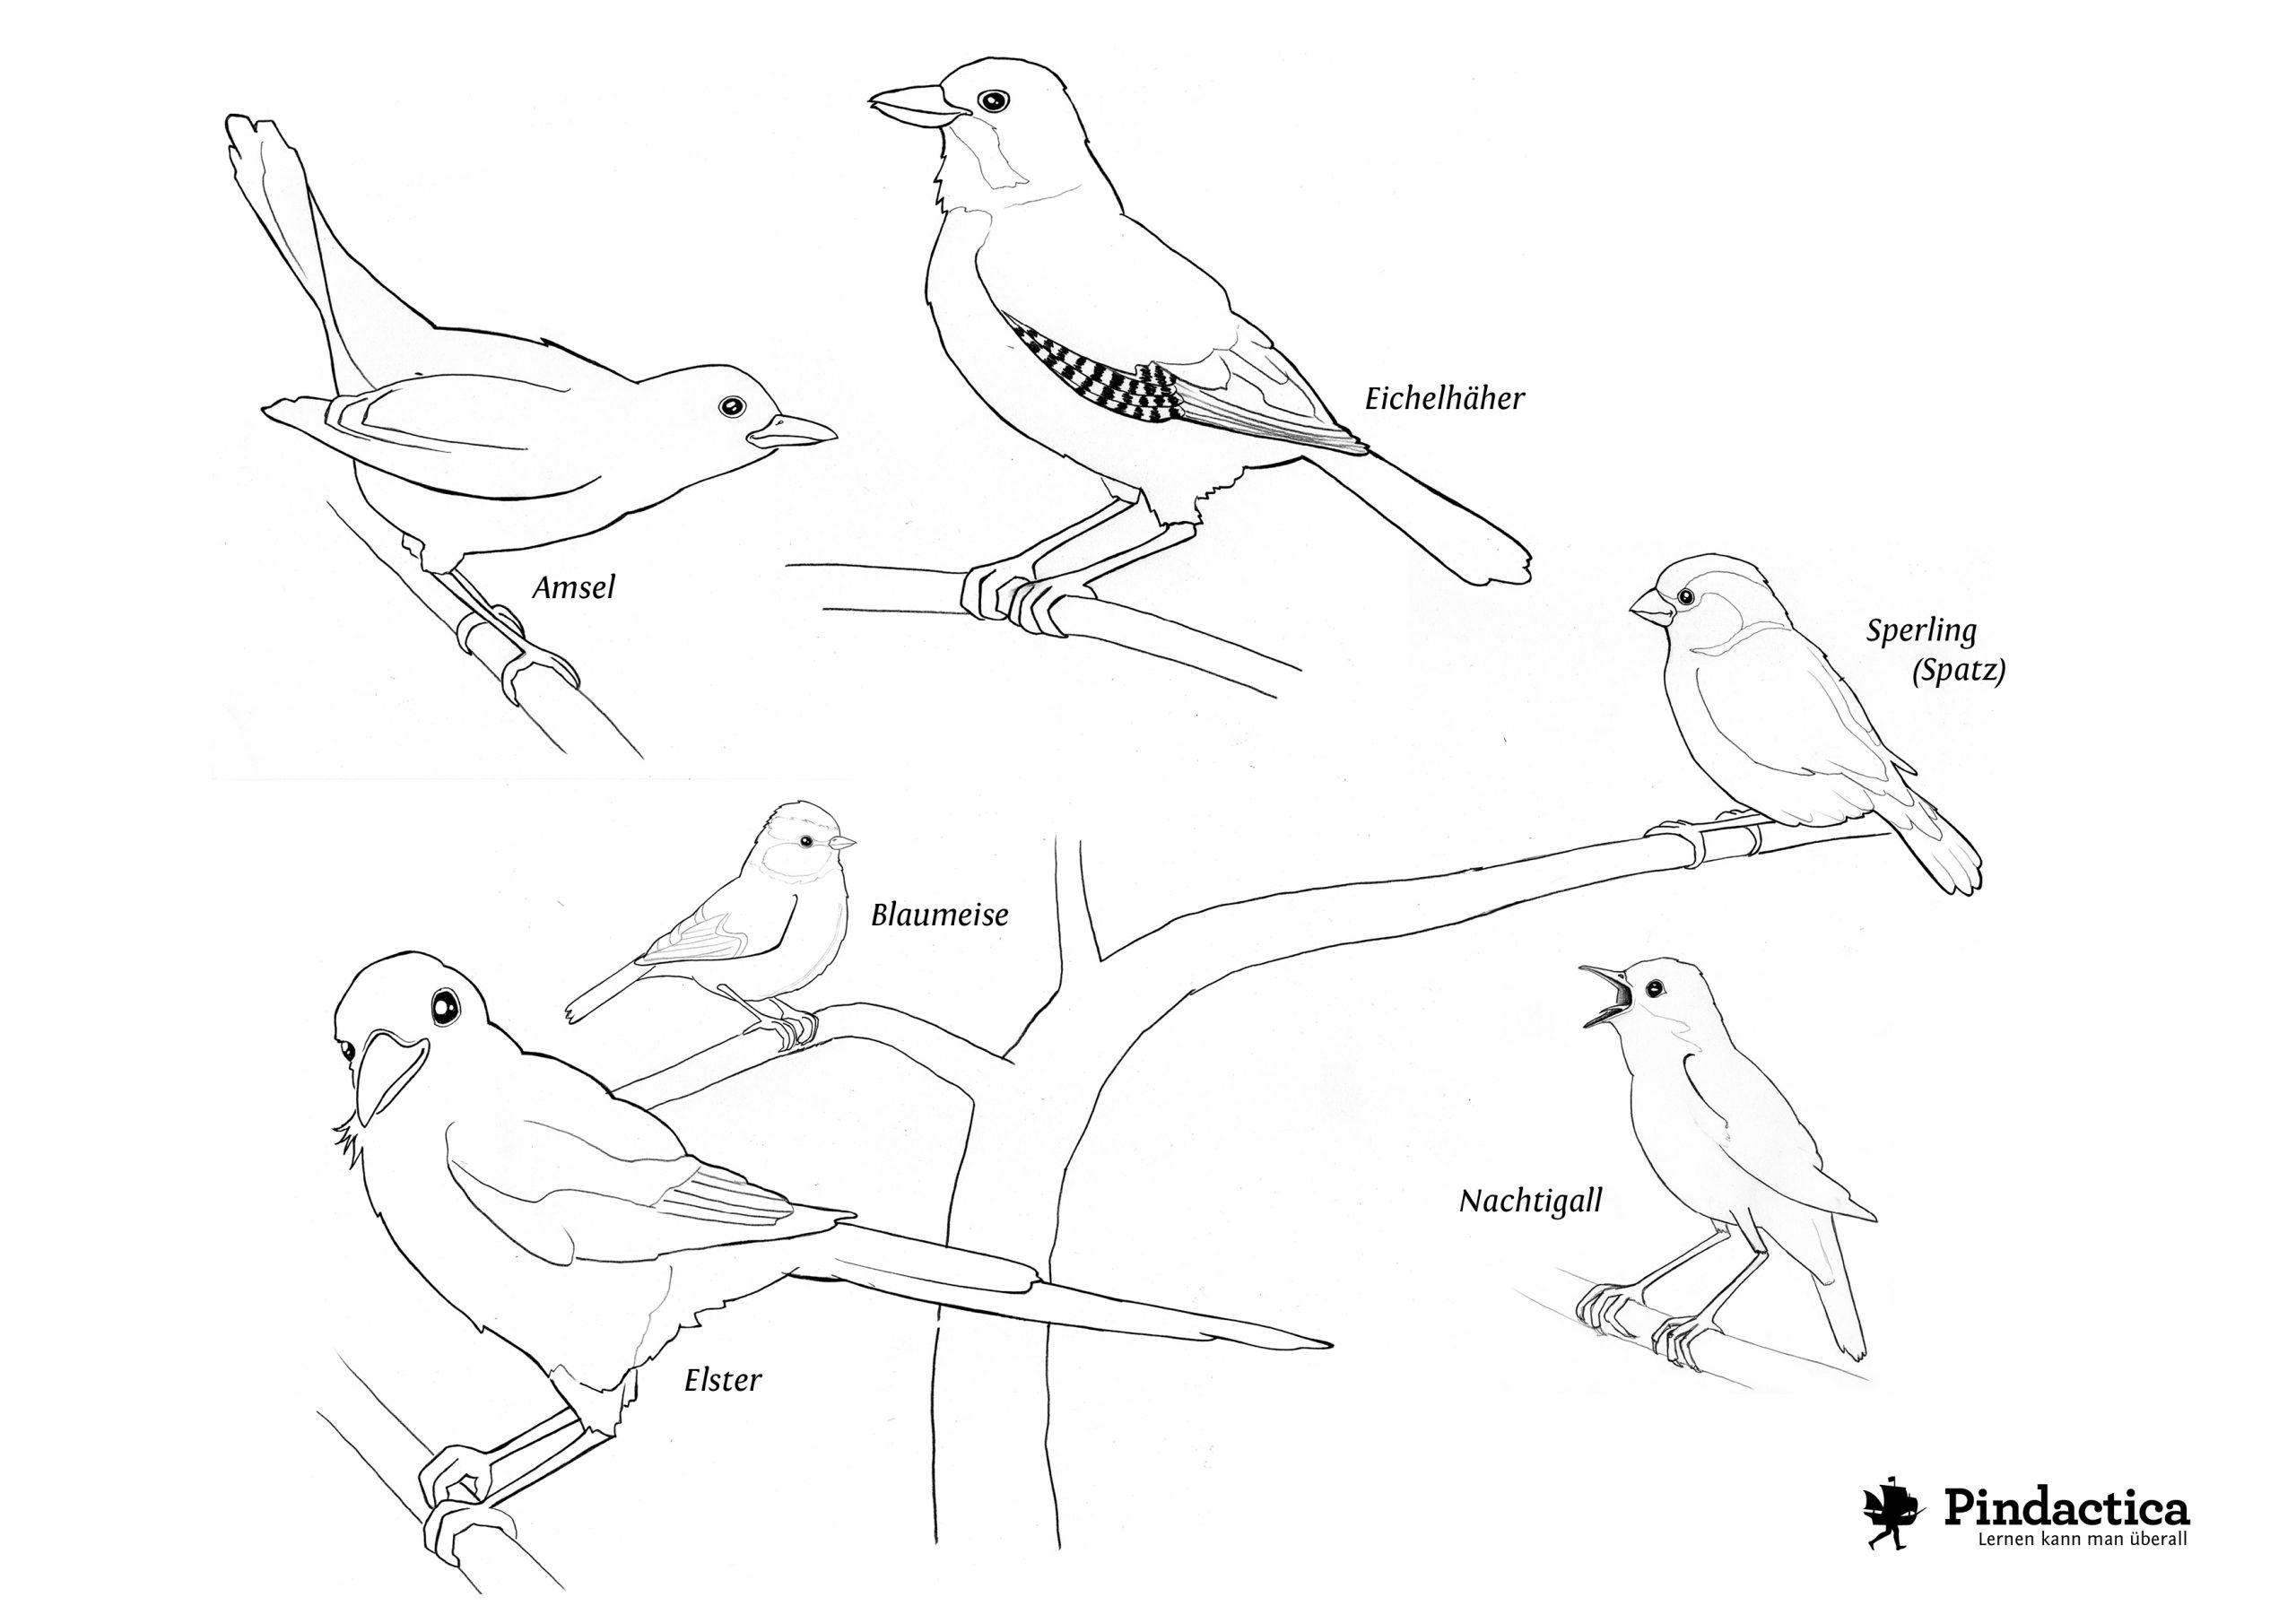 Dinosaurier Und Andere Ausmalbilder – Pindactica innen Ausmalbild Amsel